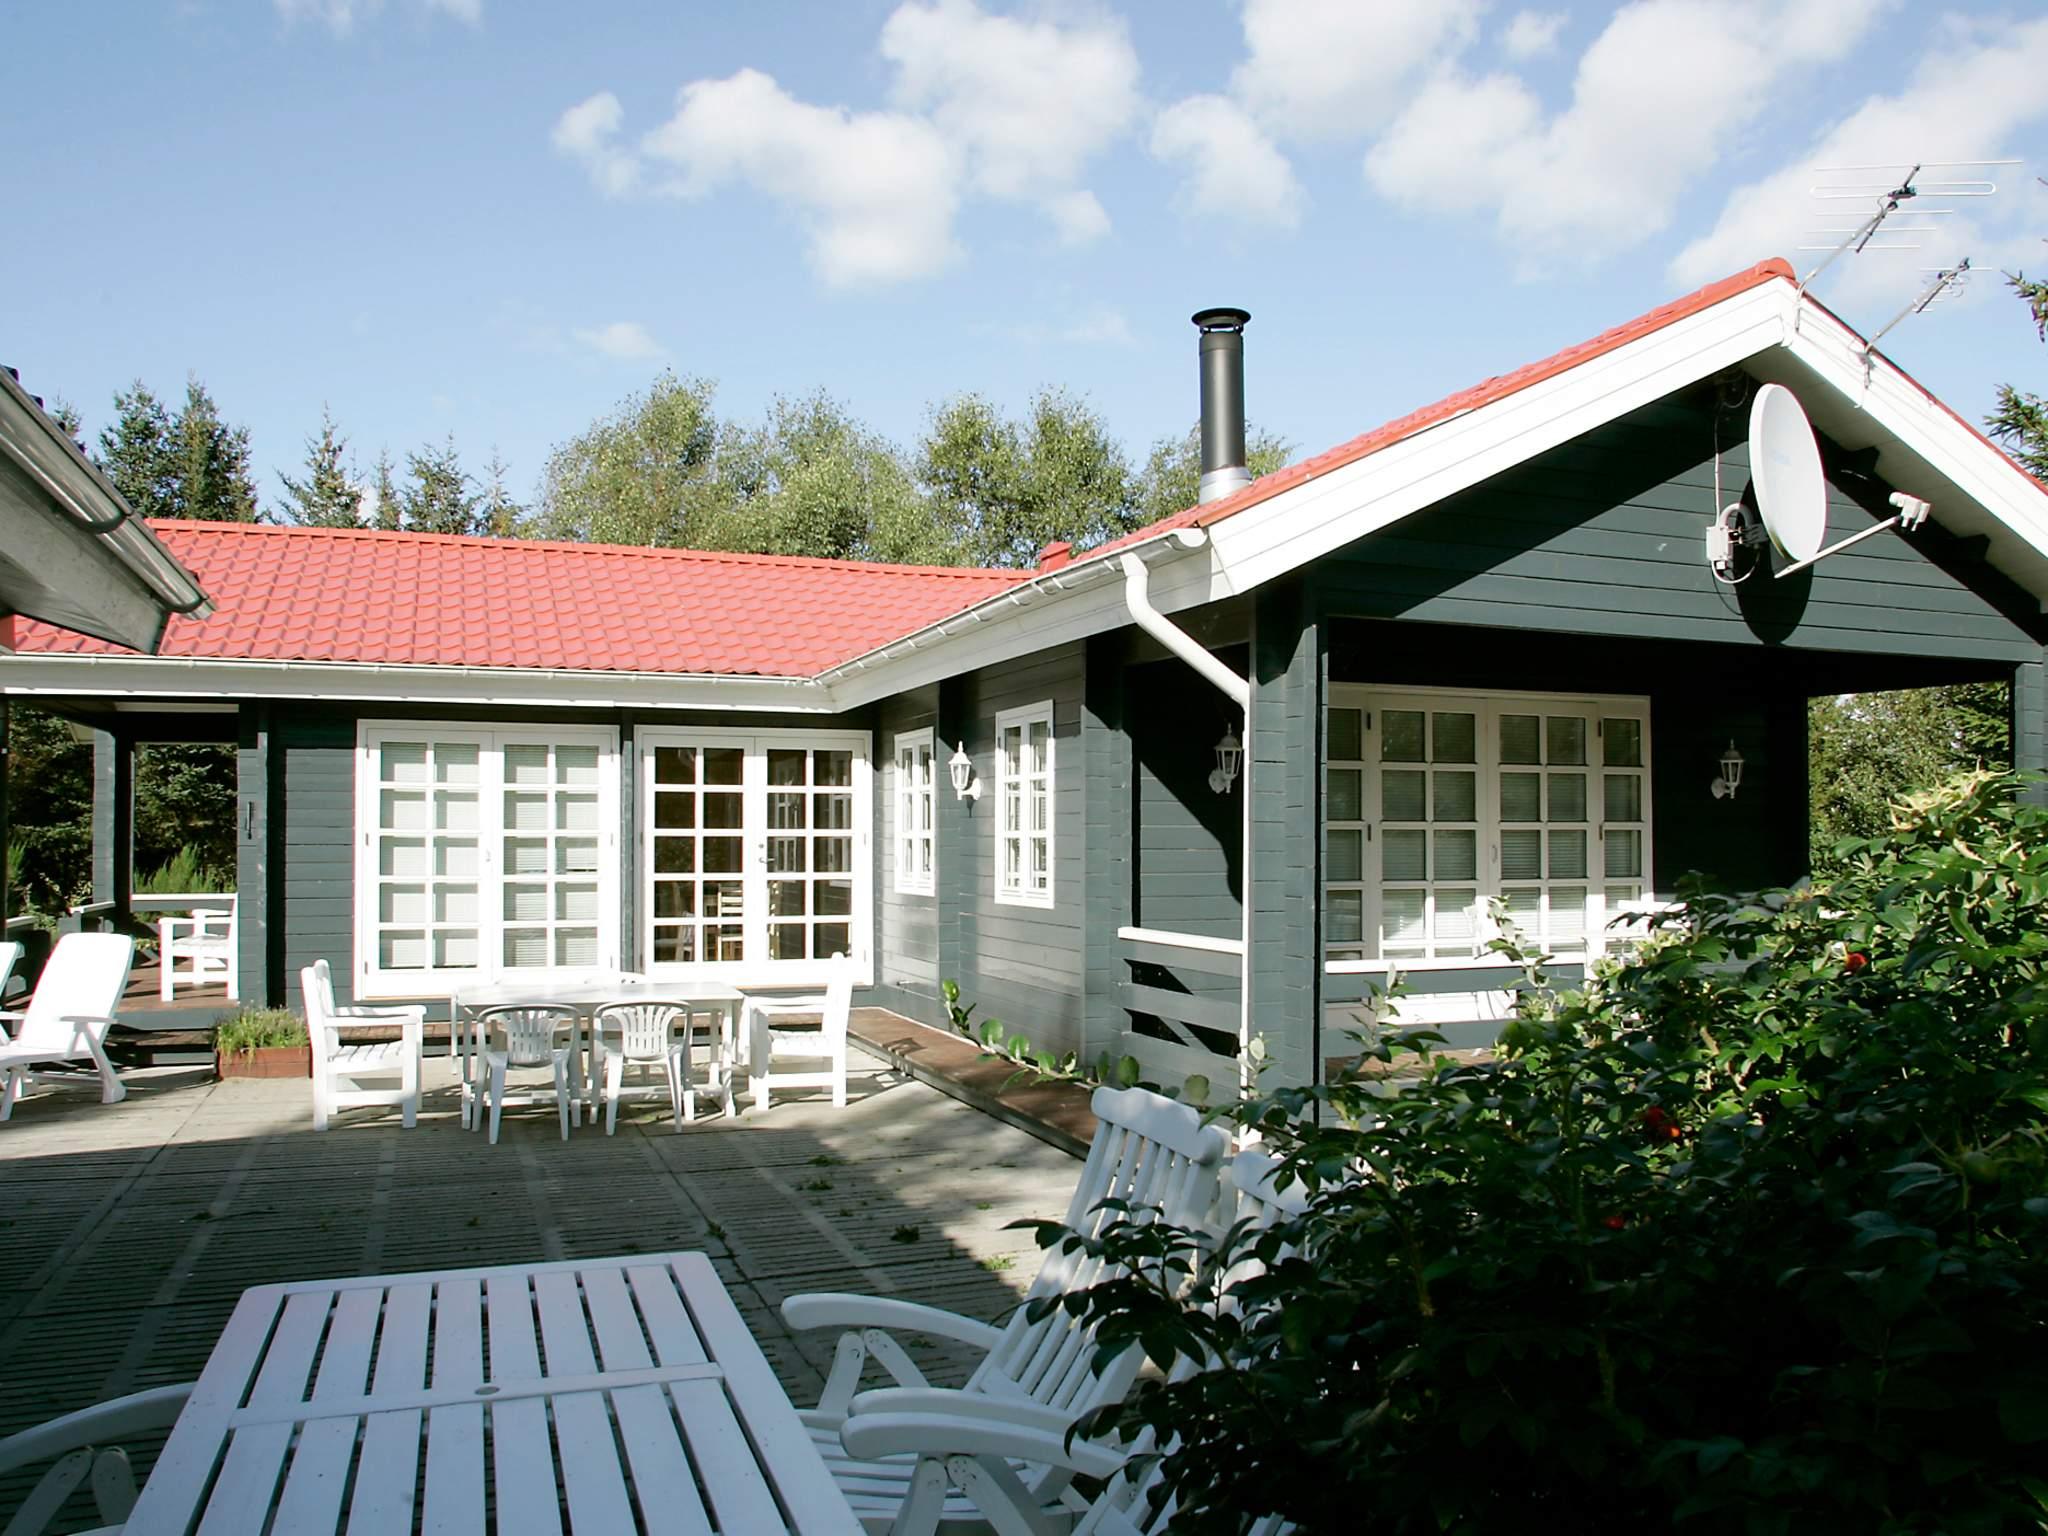 Ferienhaus Trend (86925), Løgstør, , Limfjord, Dänemark, Bild 11